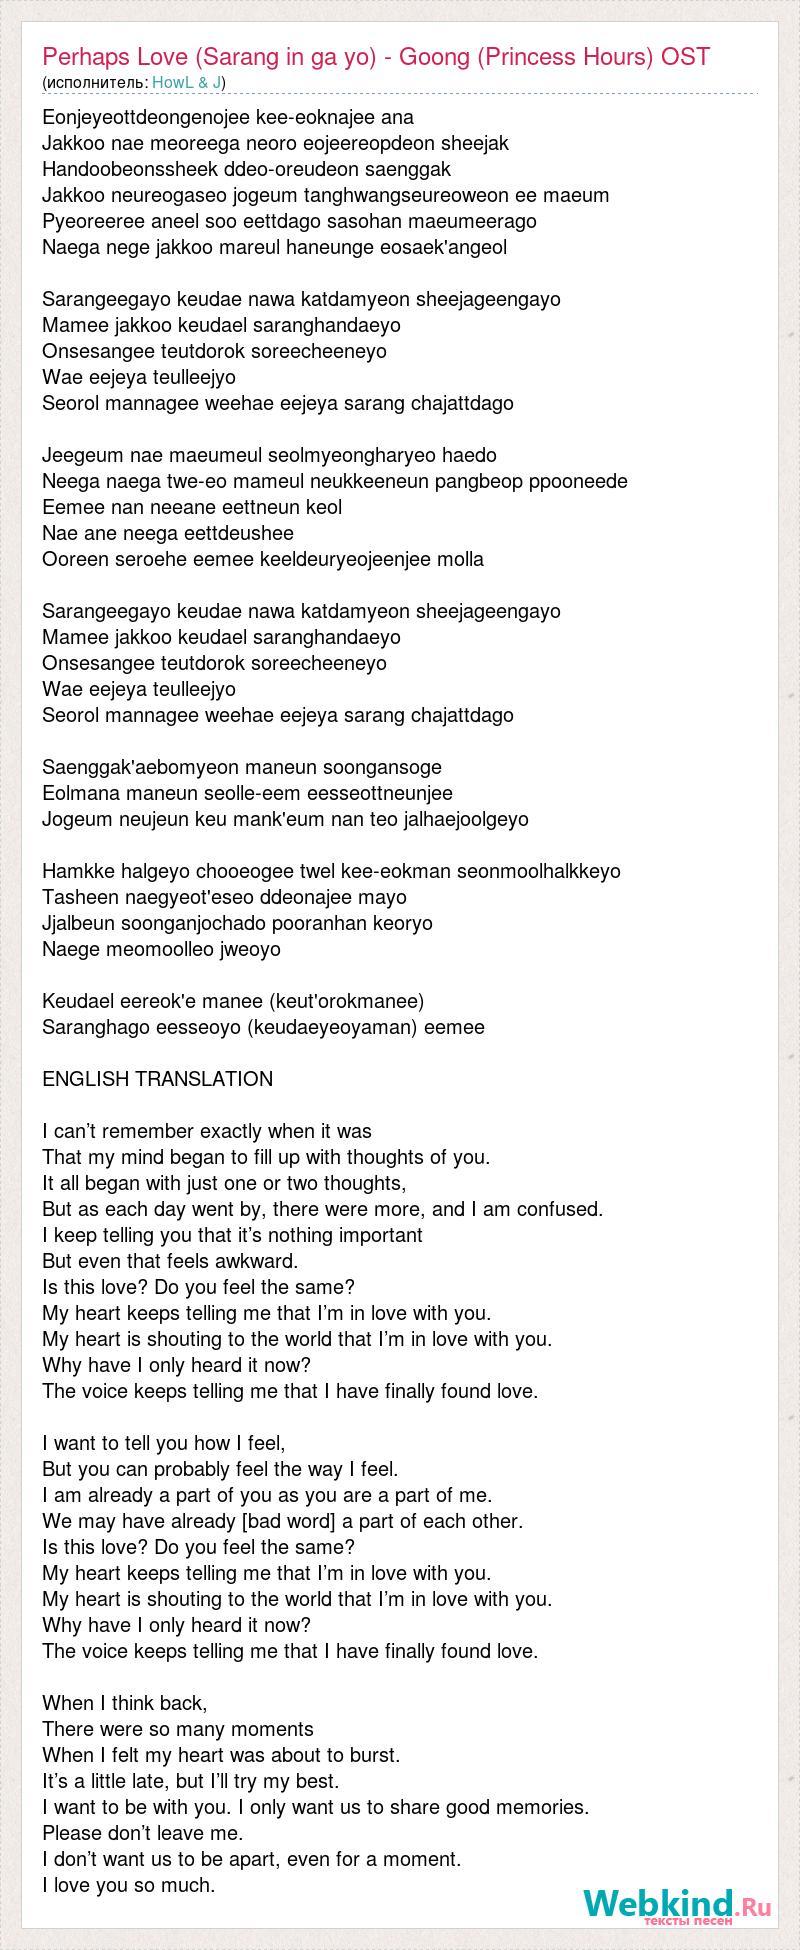 HowL & J: Perhaps Love (Sarang in ga yo) - Goong (Princess Hours